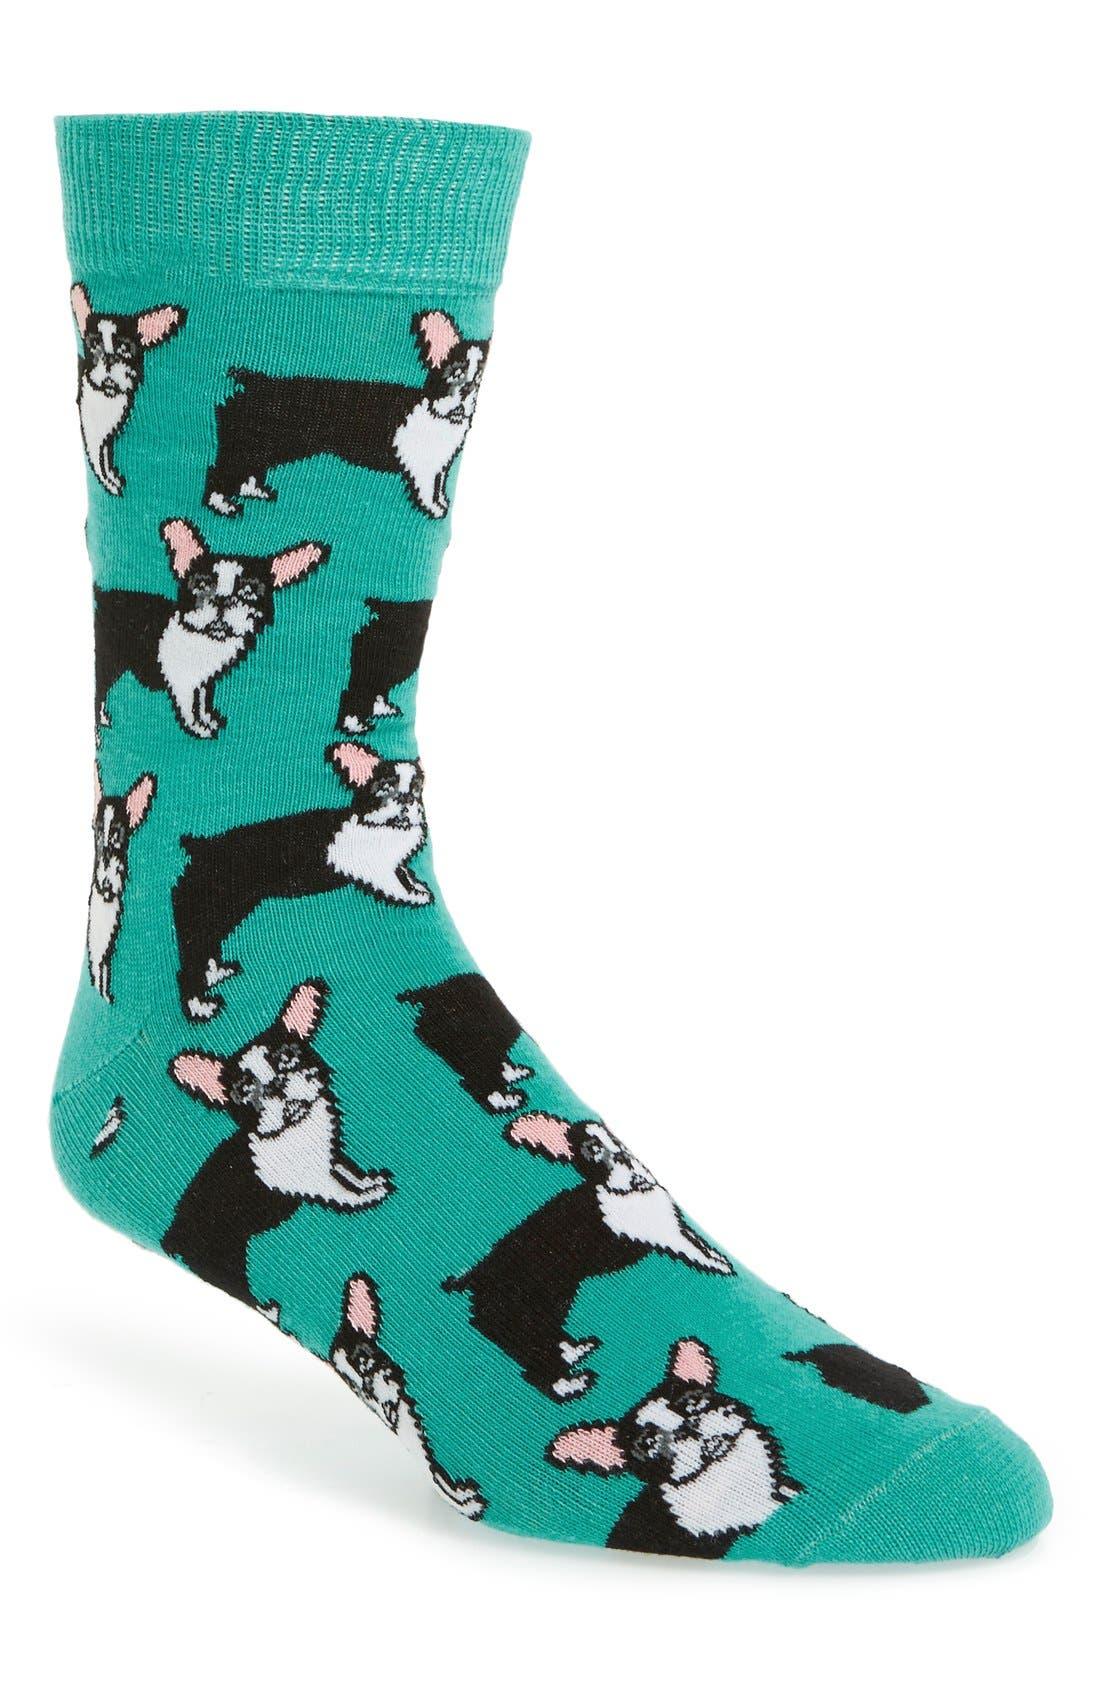 French Bulldog Socks, Main, color, 400